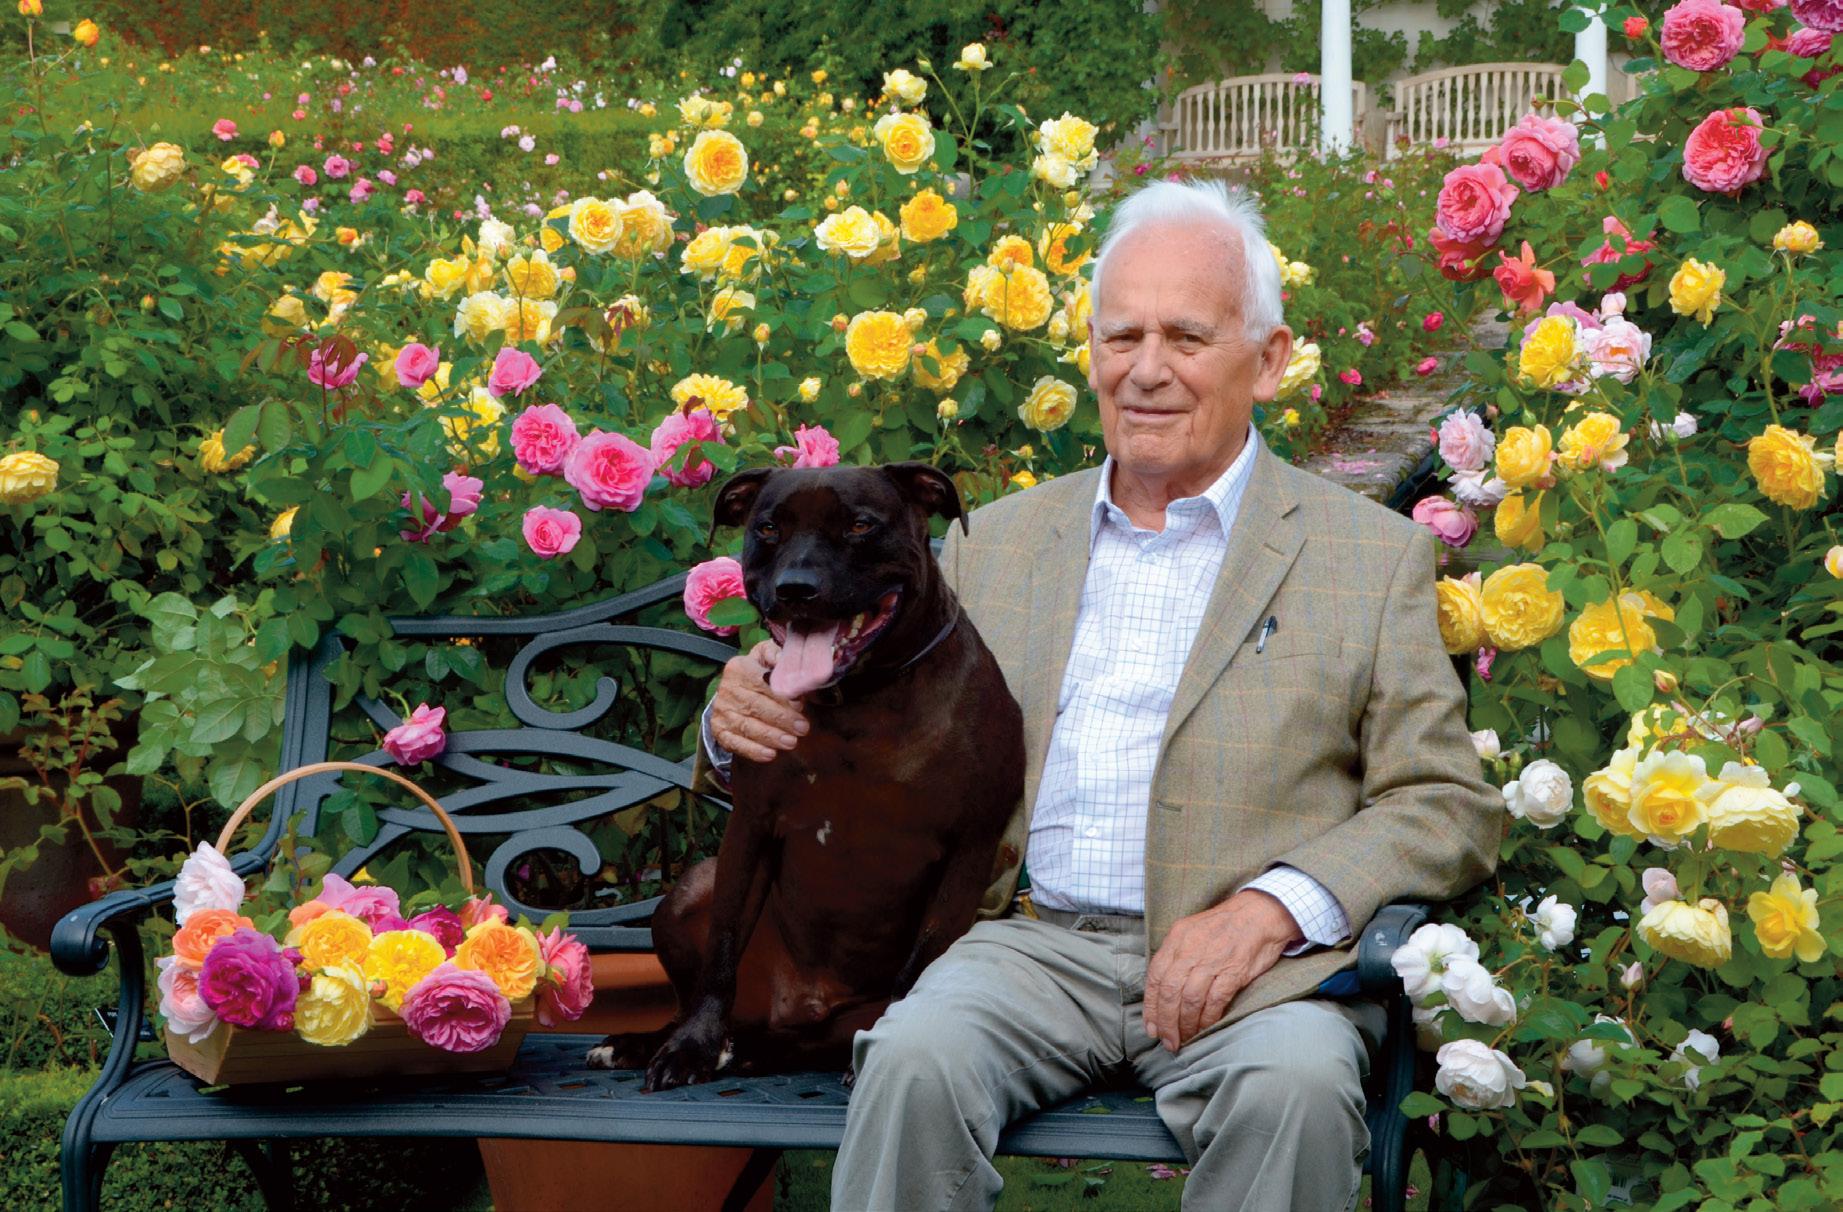 David C. H. Austin & Bertie